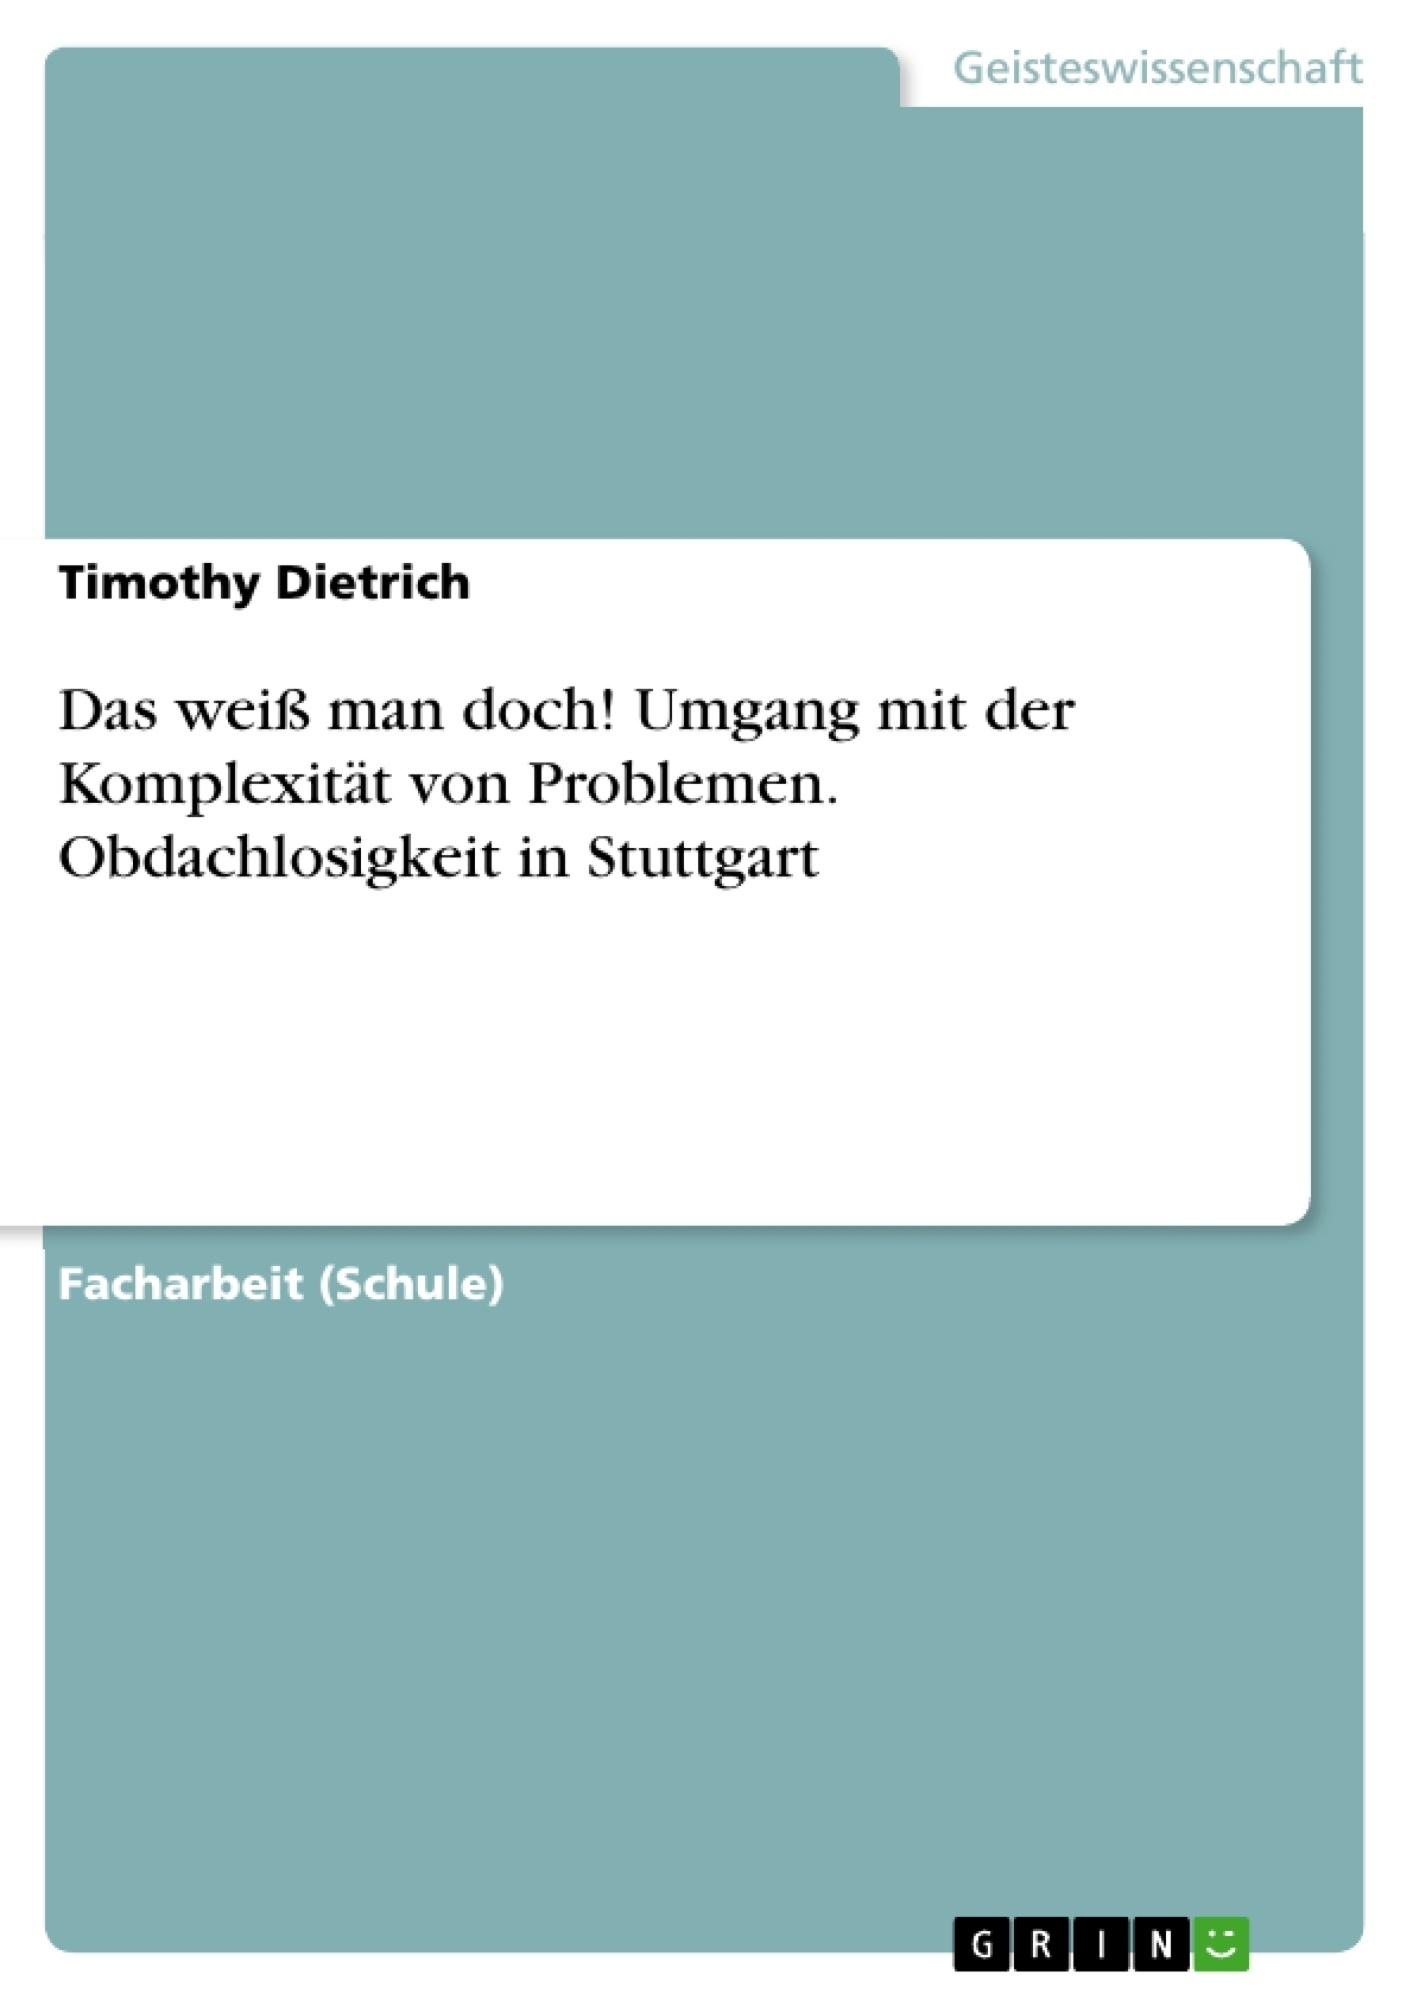 Titel: Das weiß man doch! Umgang mit der Komplexität von Problemen. Obdachlosigkeit in Stuttgart